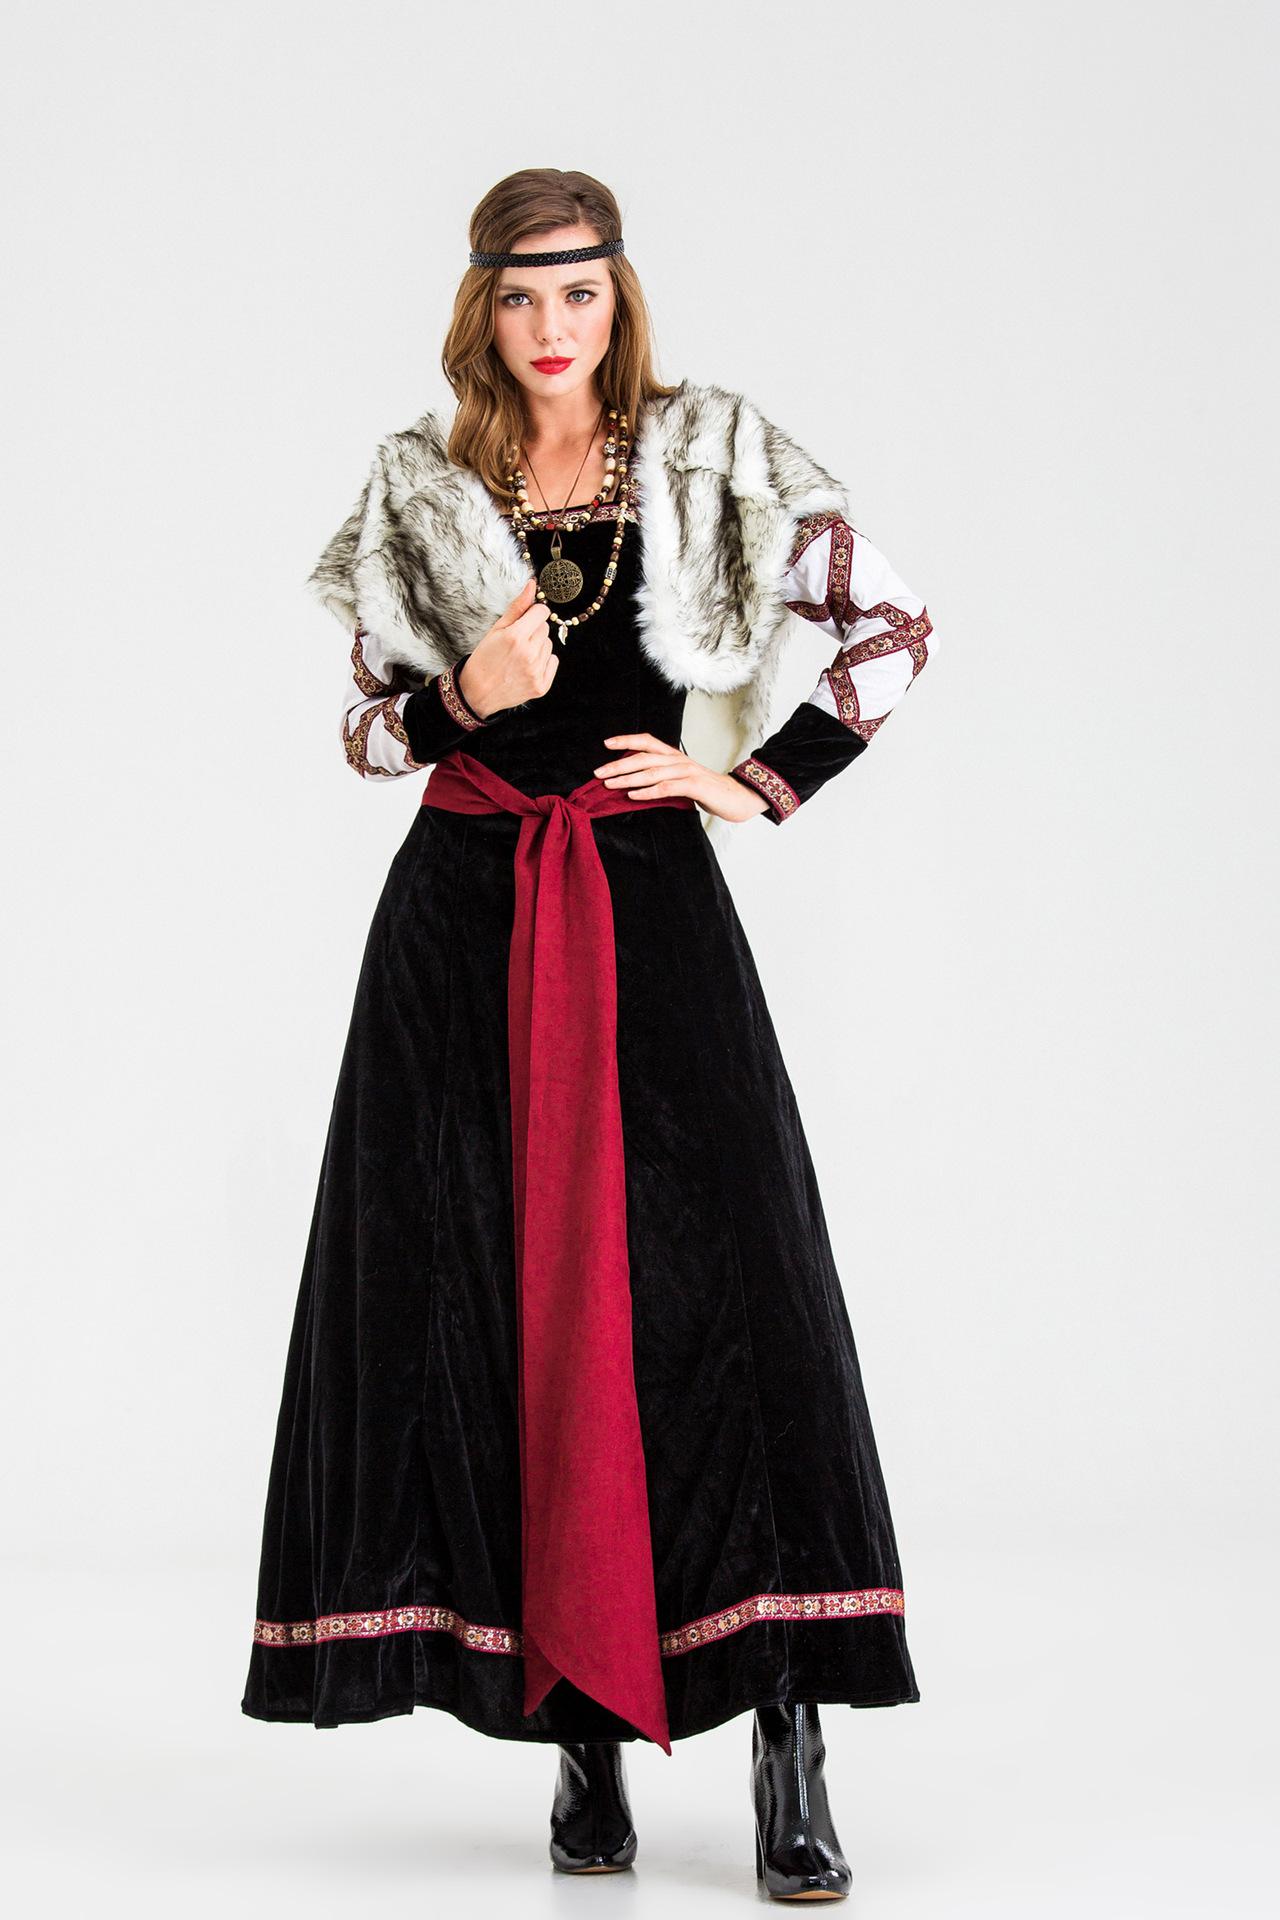 海盗cosplay角色扮演服装野人服万圣节成人战士服装连衣裙女